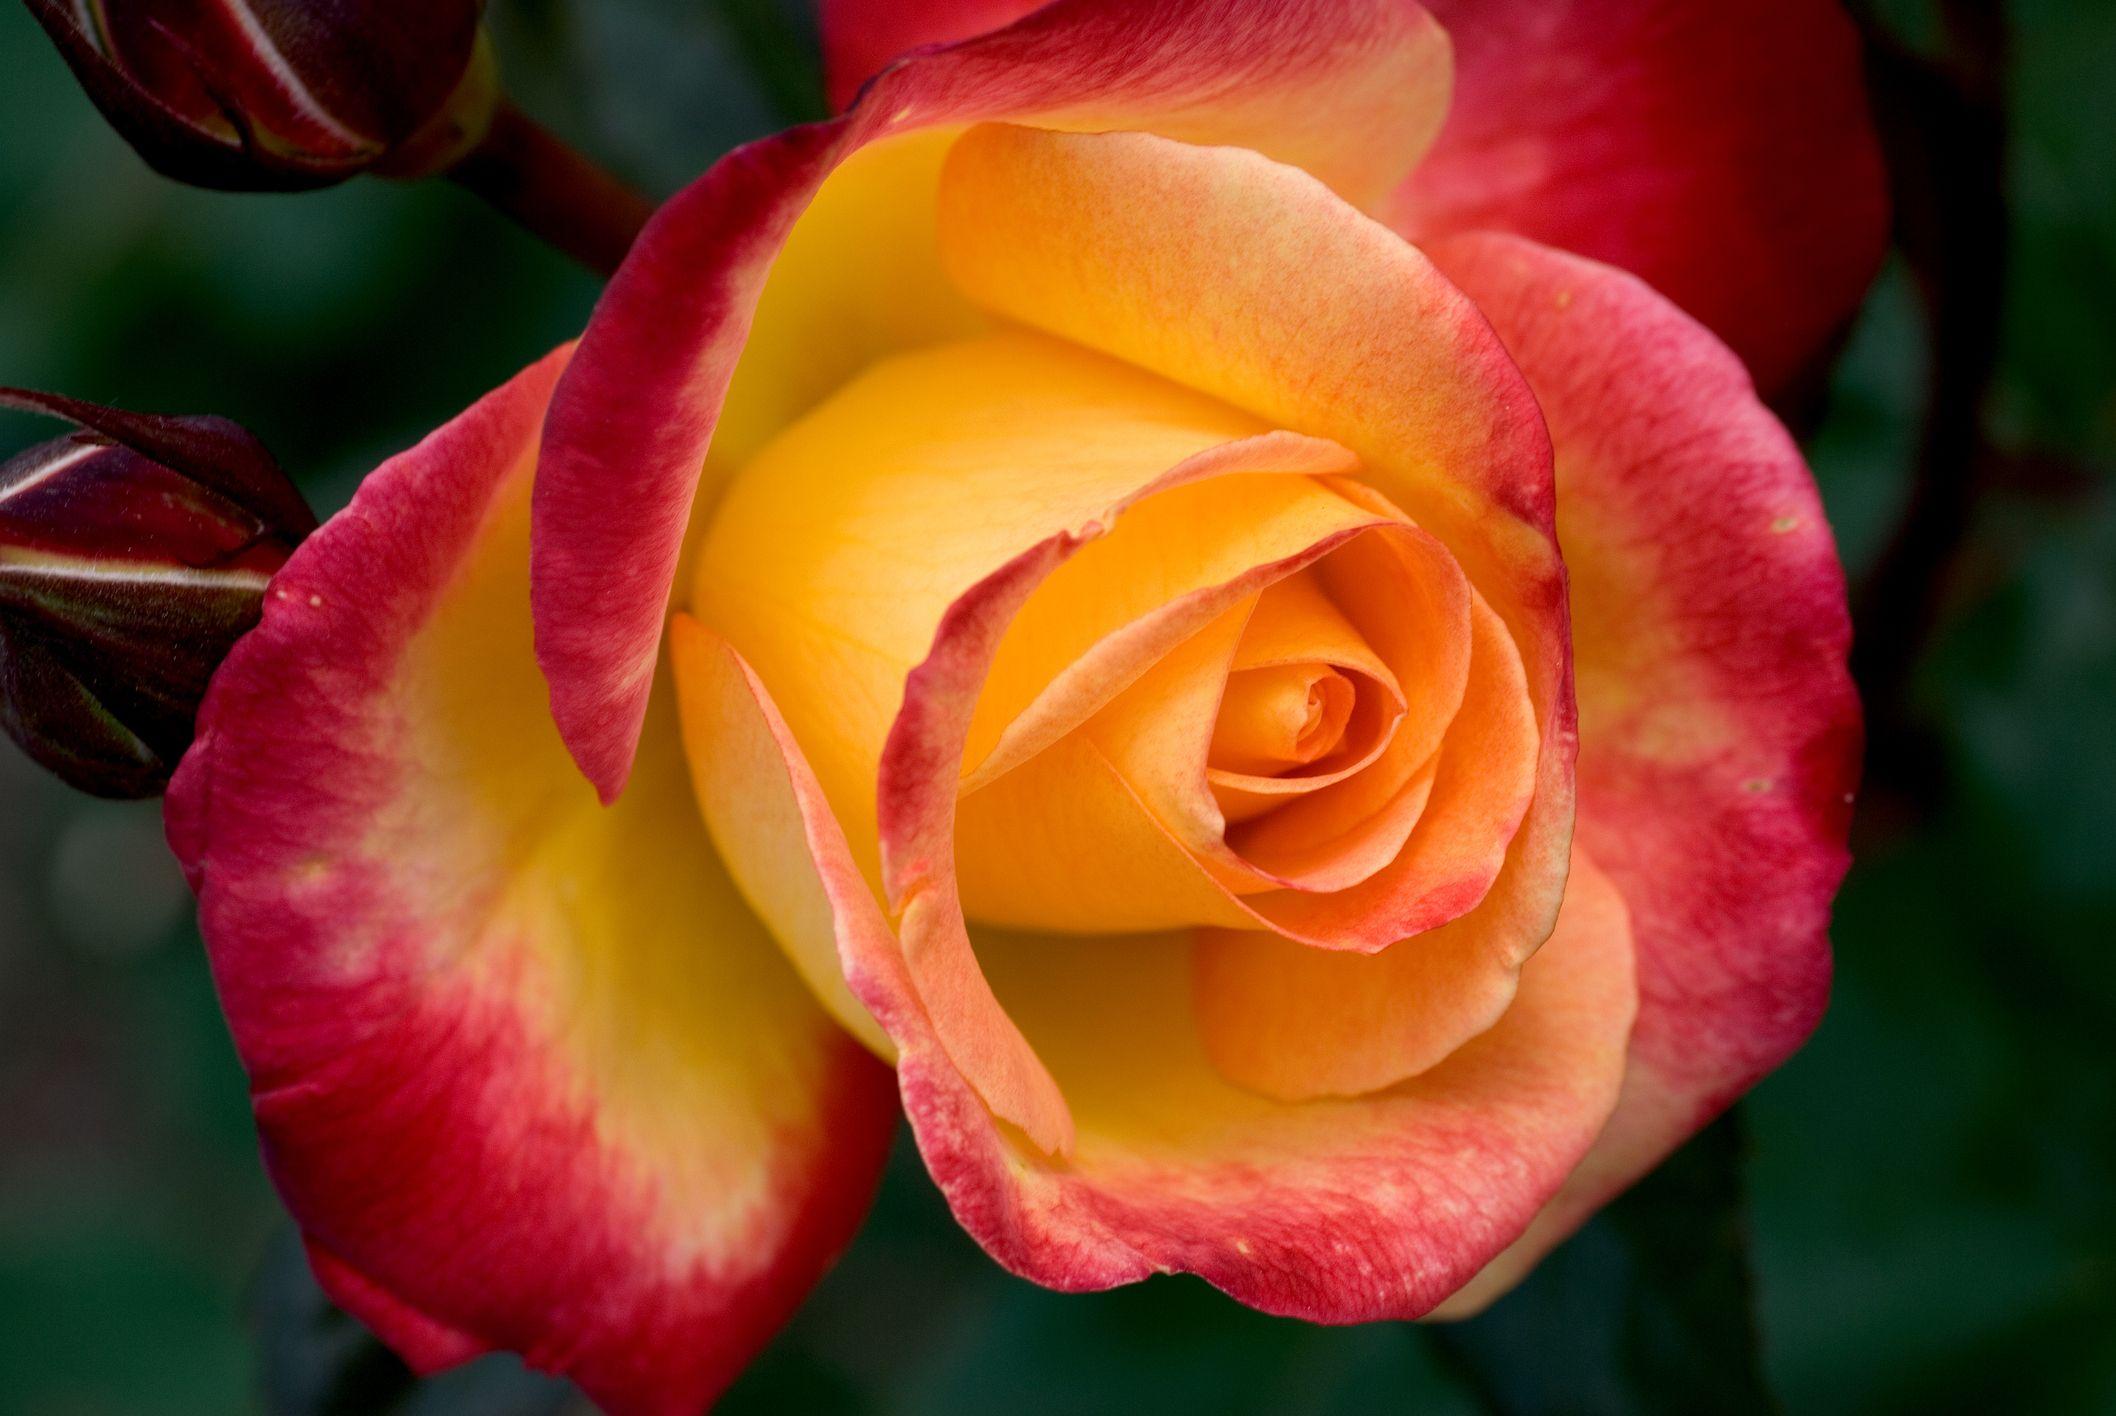 κέντρο ενός ροζ και κίτρινου τριαντάφυλλου